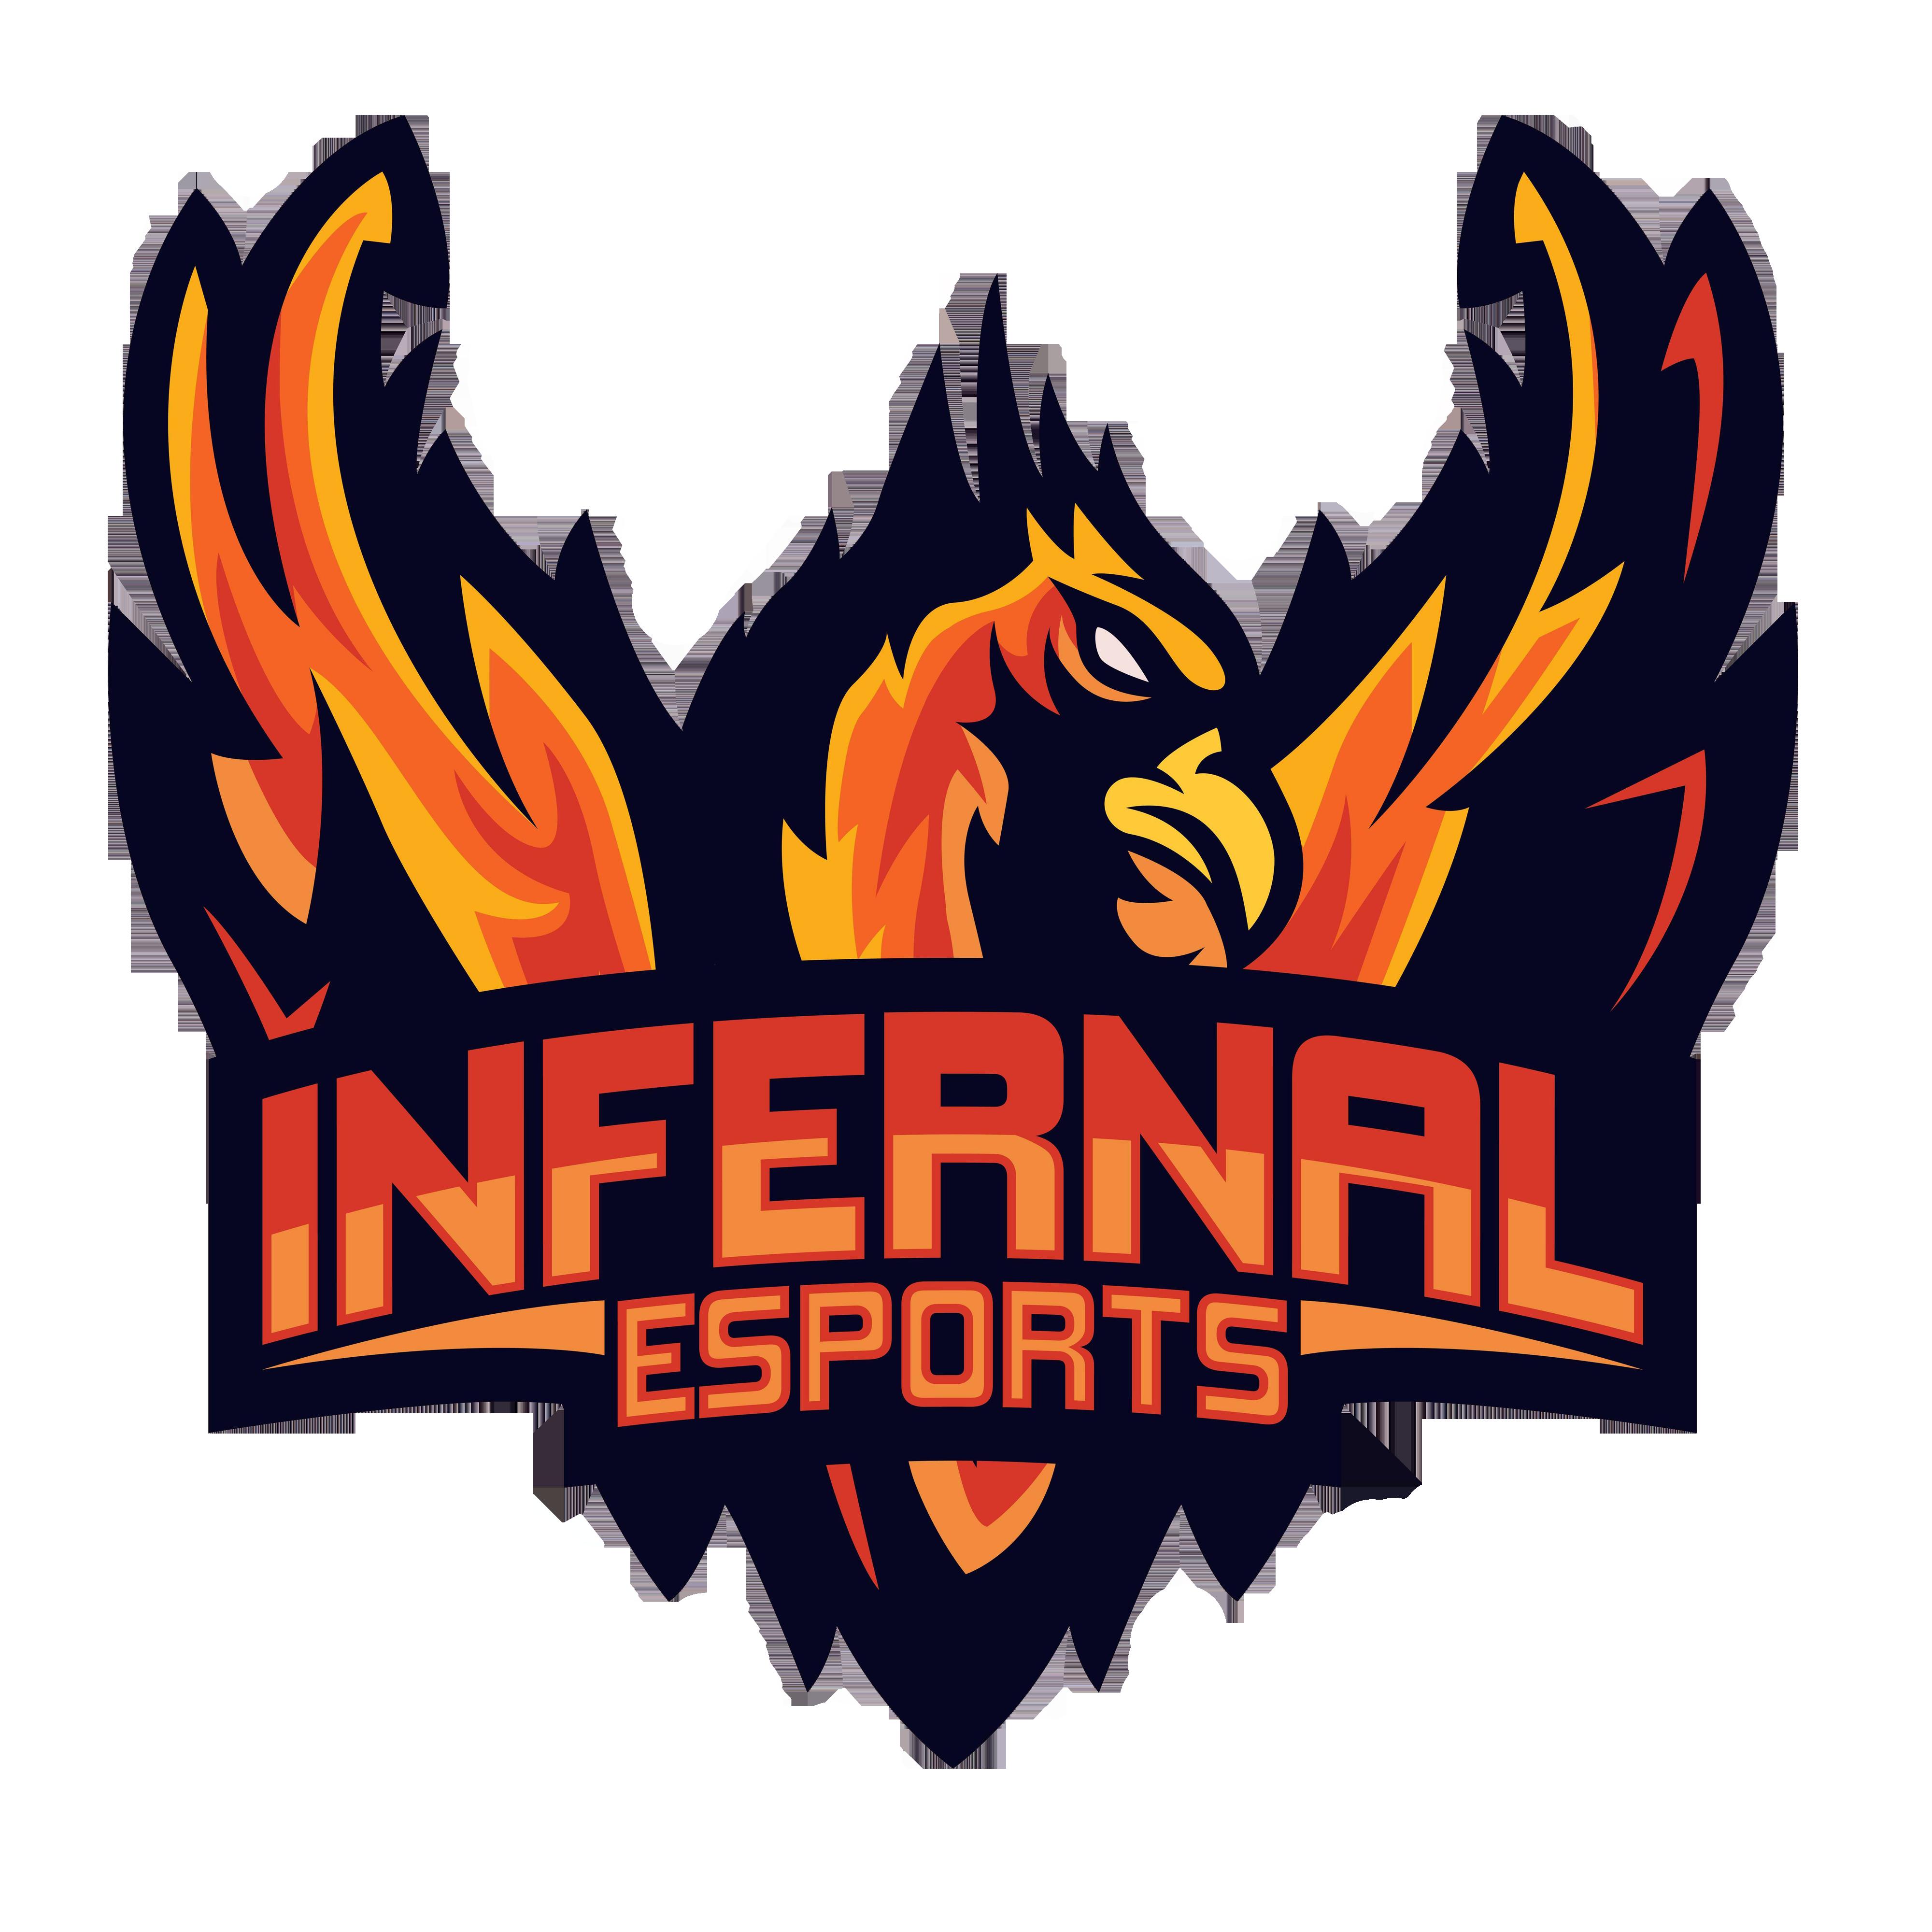 Infernal esports